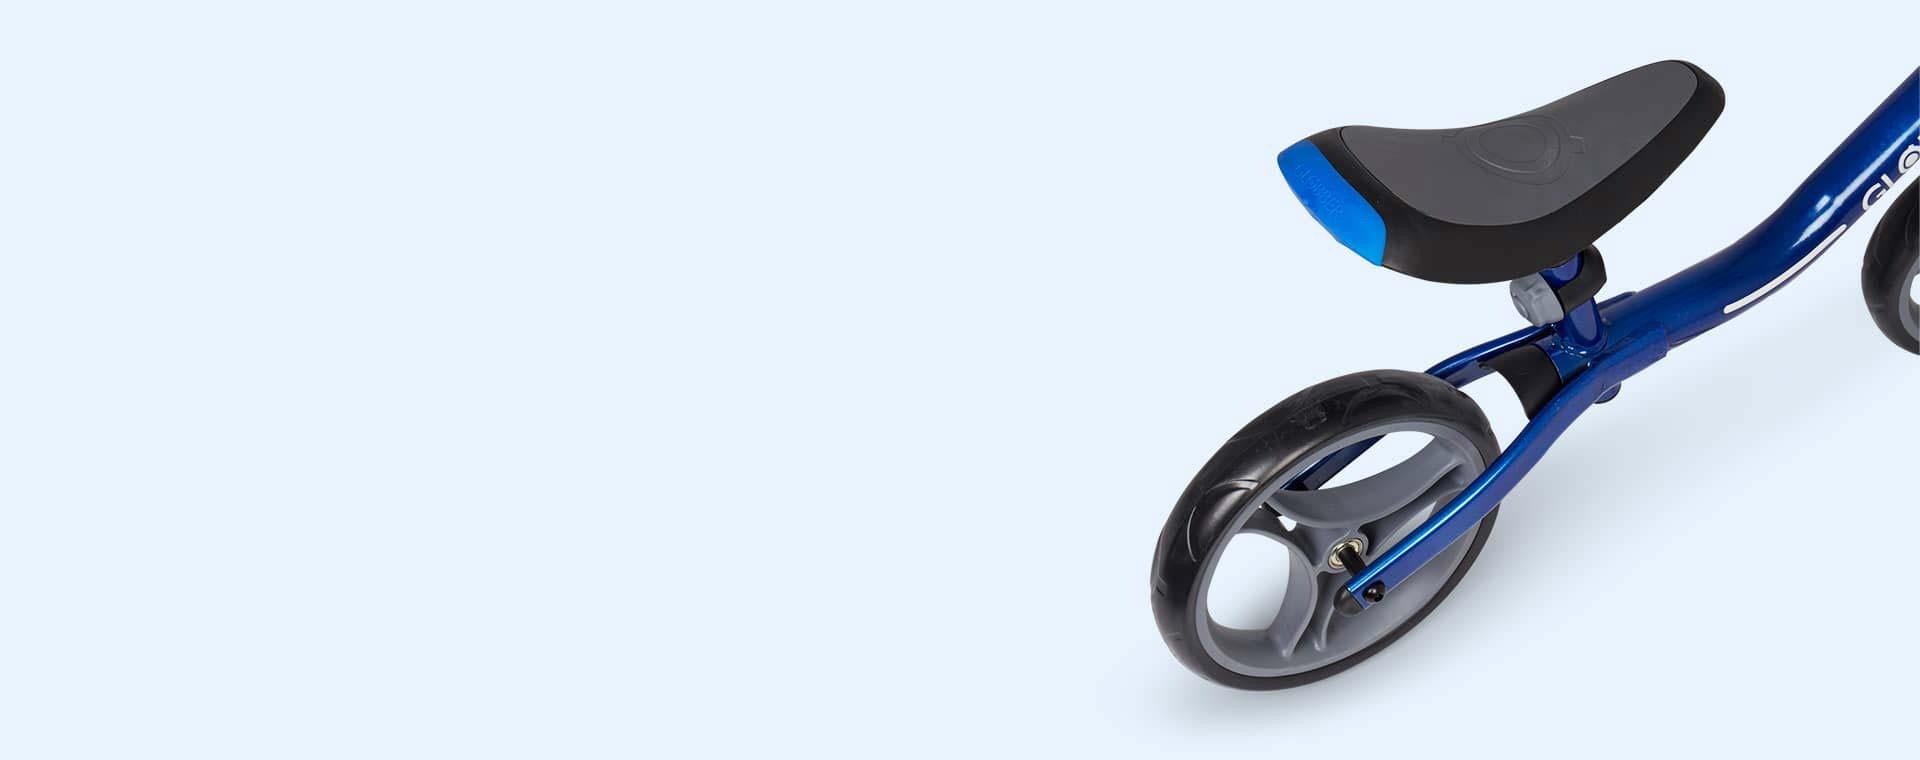 Navy Blue Globber Go Bike